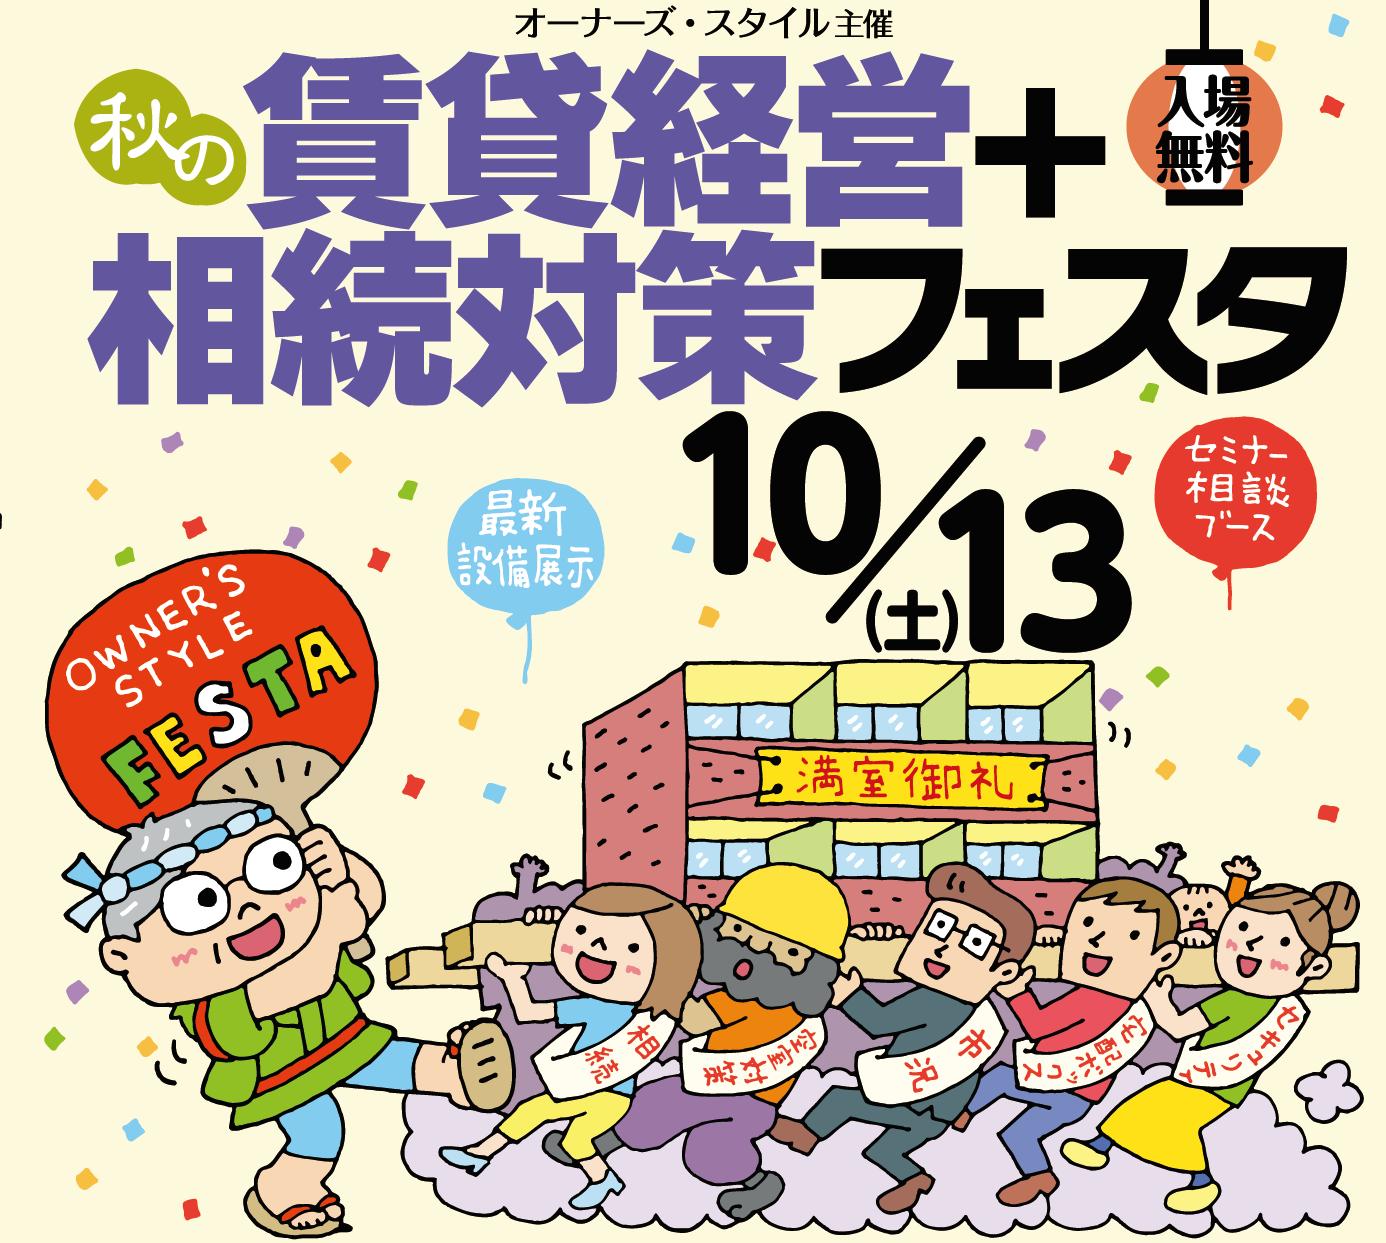 【終了】オーナーズ・スタイル主催 賃貸経営+相続対策フェスタin新宿 10月13日開催!1